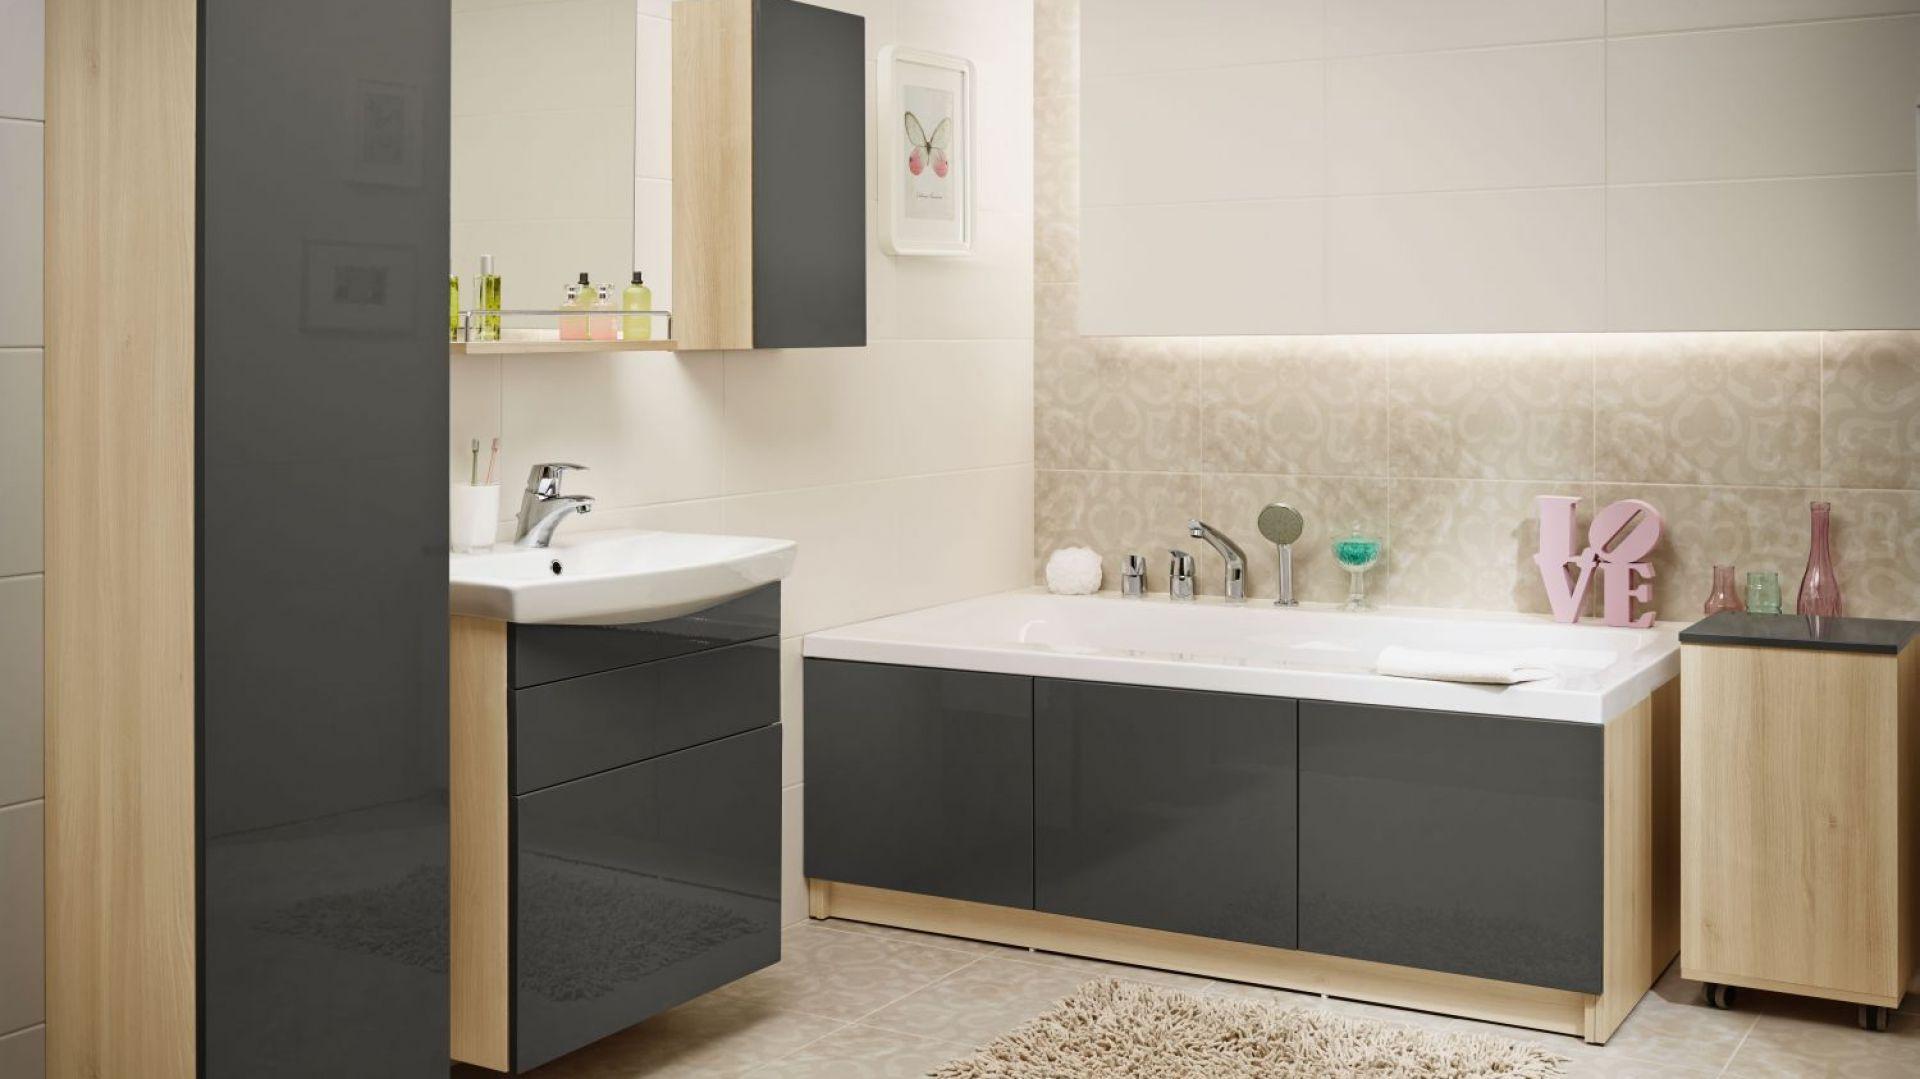 Propozycja do małej łazienki: wanna w zabudowie z kolekcji Smart marki Cersanit z ukrytymi schowkami na łazienkowe przedmioty. Fot. Cersanit